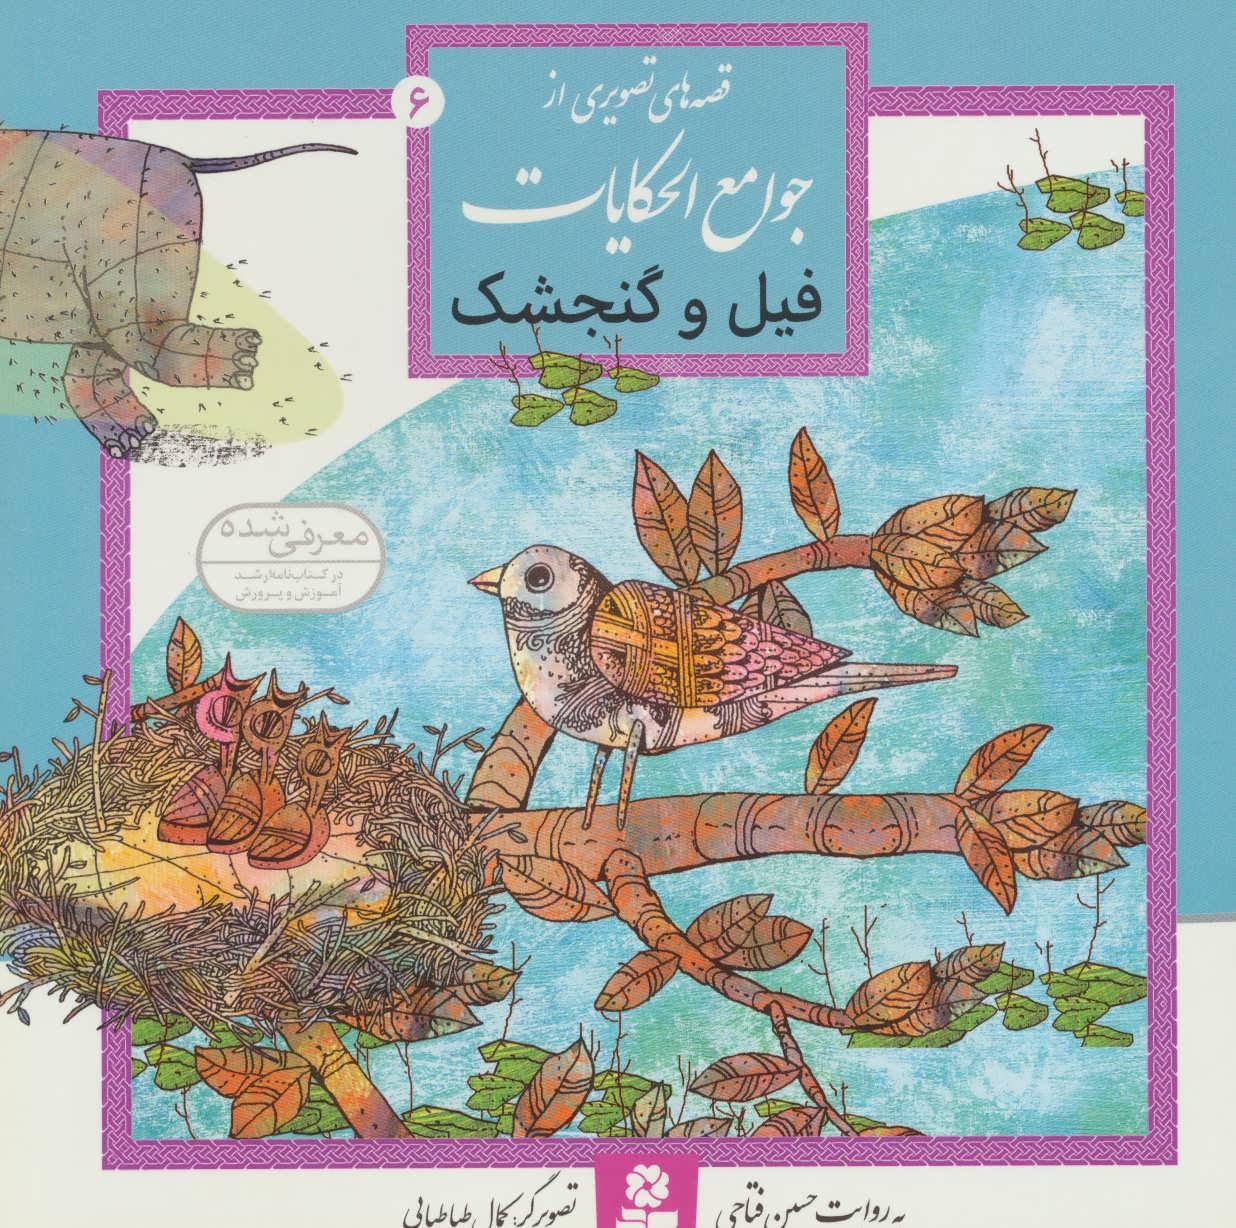 قصه های تصویری از جوامع الحکایات 6 (فیل و گنجشک)،(گلاسه)